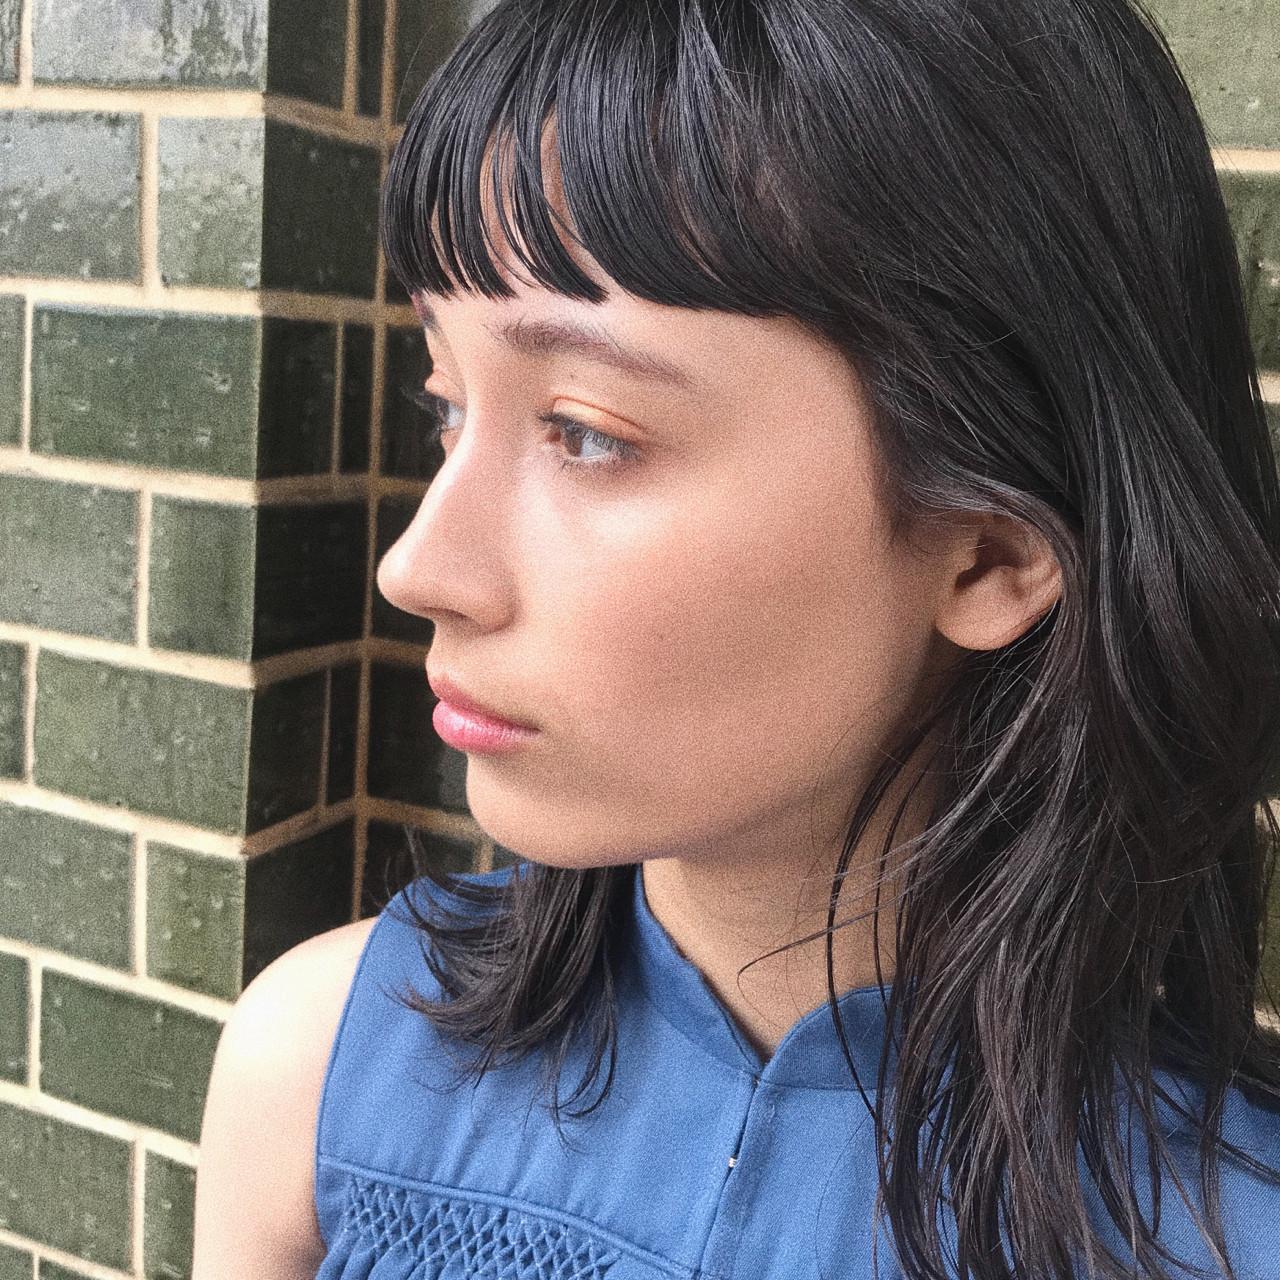 前髪あり モード パーマ ロング ヘアスタイルや髪型の写真・画像